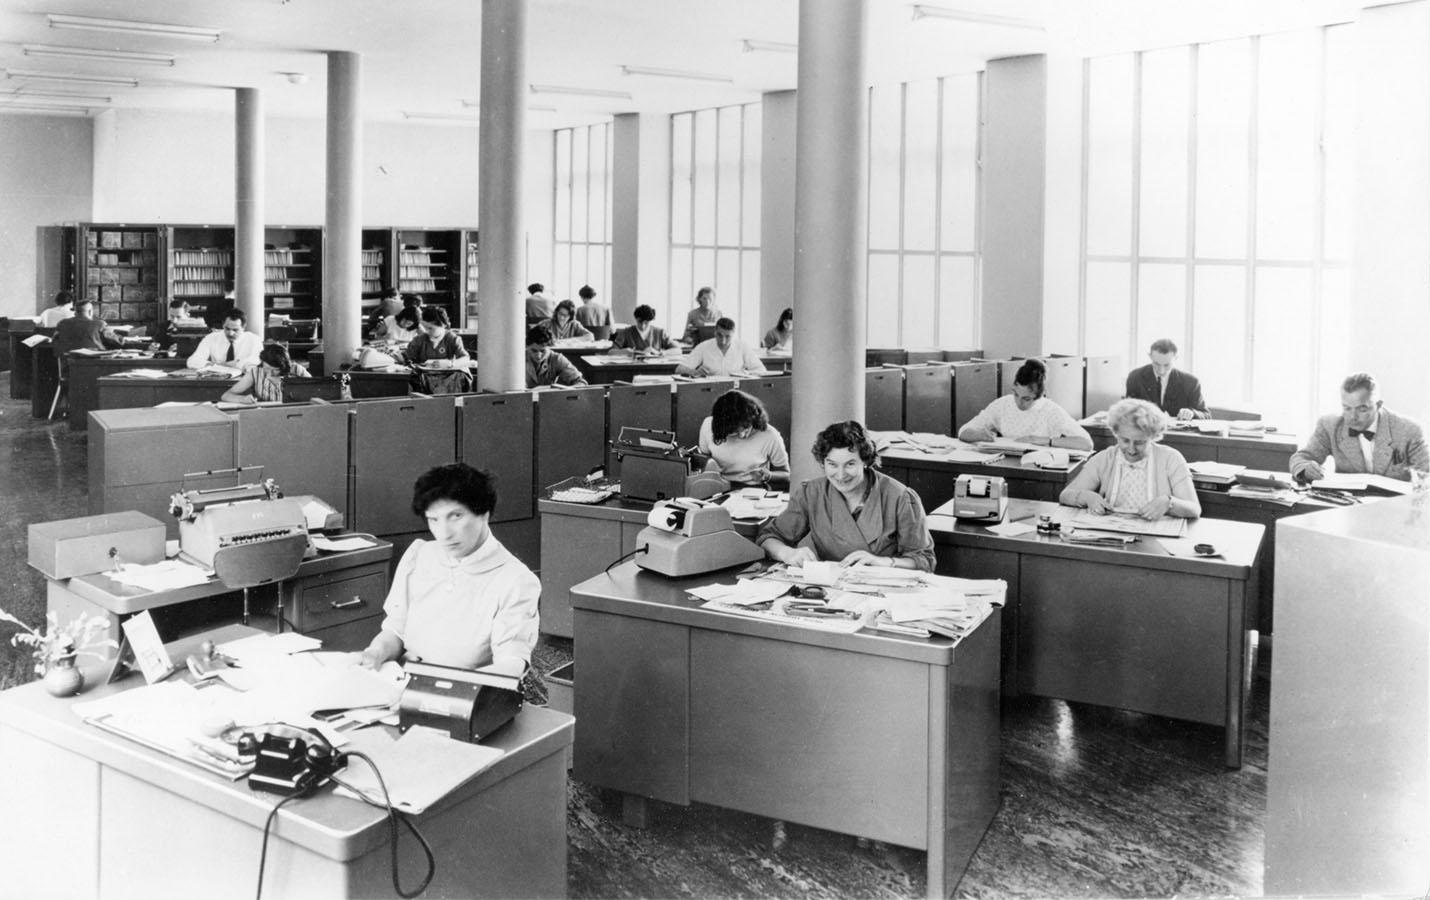 L'open space des années 1950